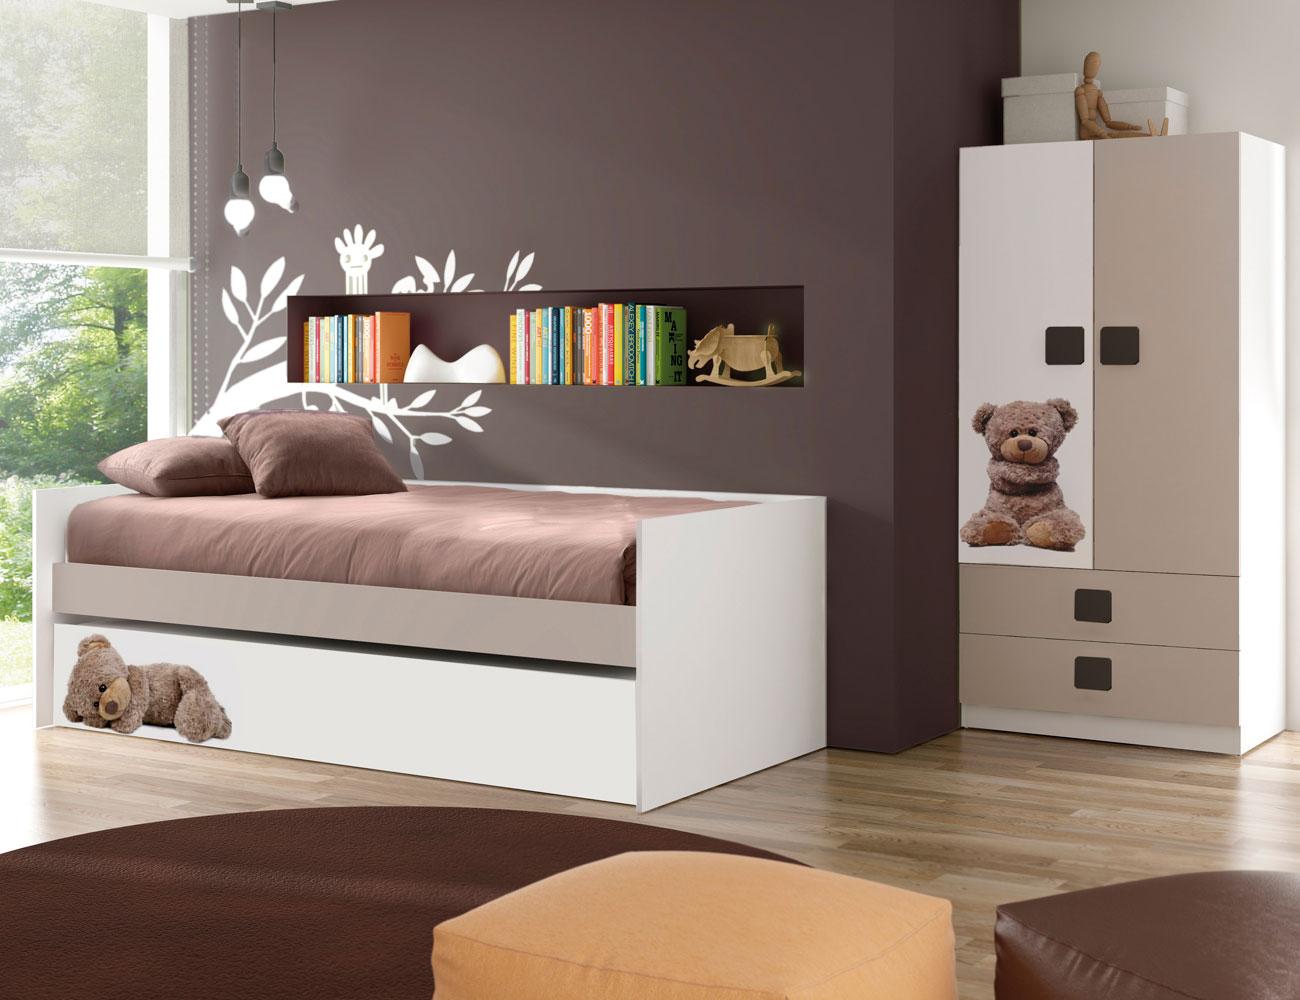 Dormitorio juvenil osito